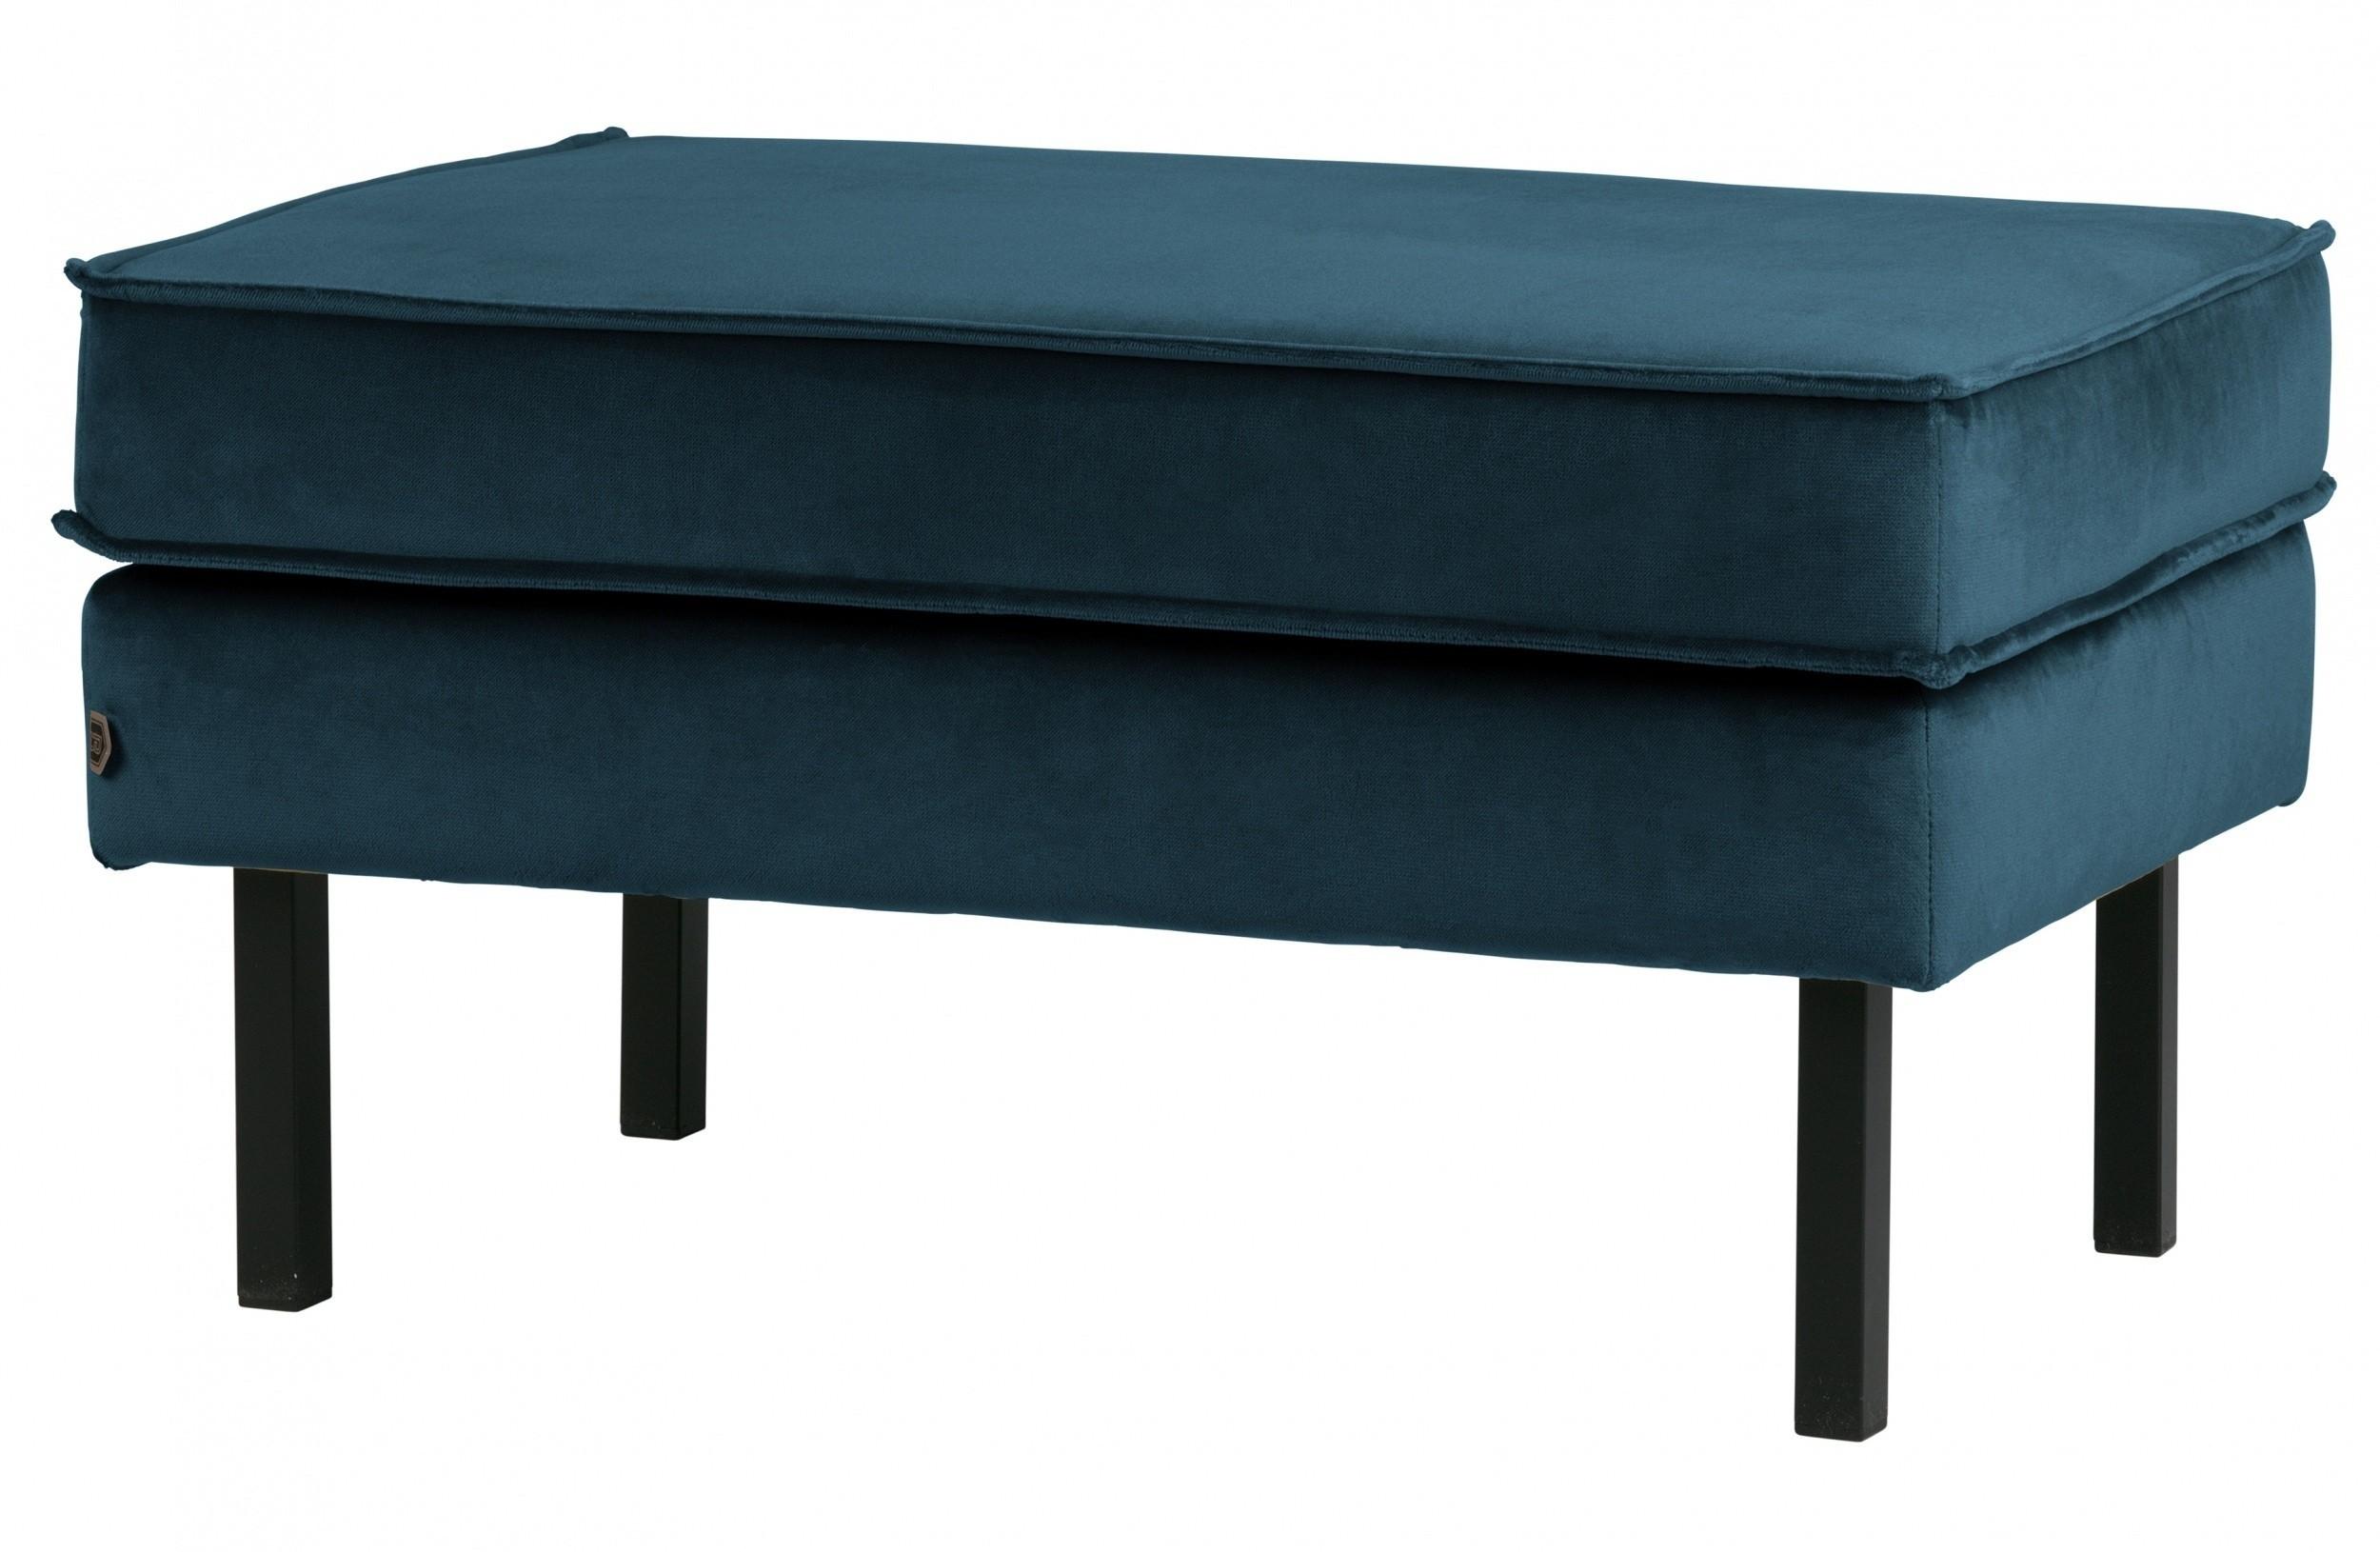 Verwonderlijk Rodeo hocker velvet blauw - Living27's shop AI-98